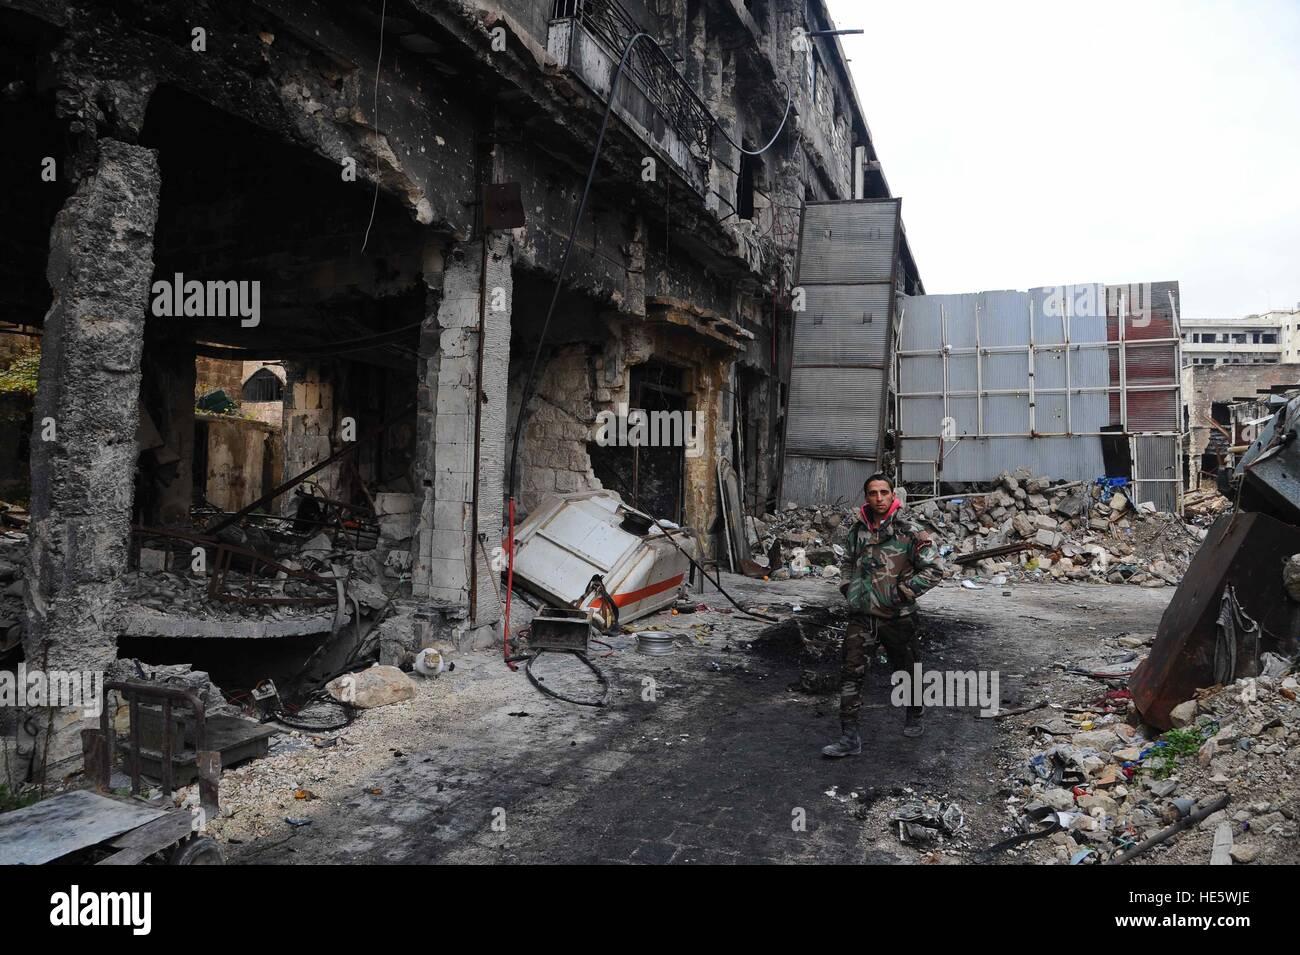 Aleppo, Syrien. 17. Dezember 2016. Ein syrischer Soldat geht in der alten Stadt von Aleppo, Syrien, 17. Dezember Stockbild